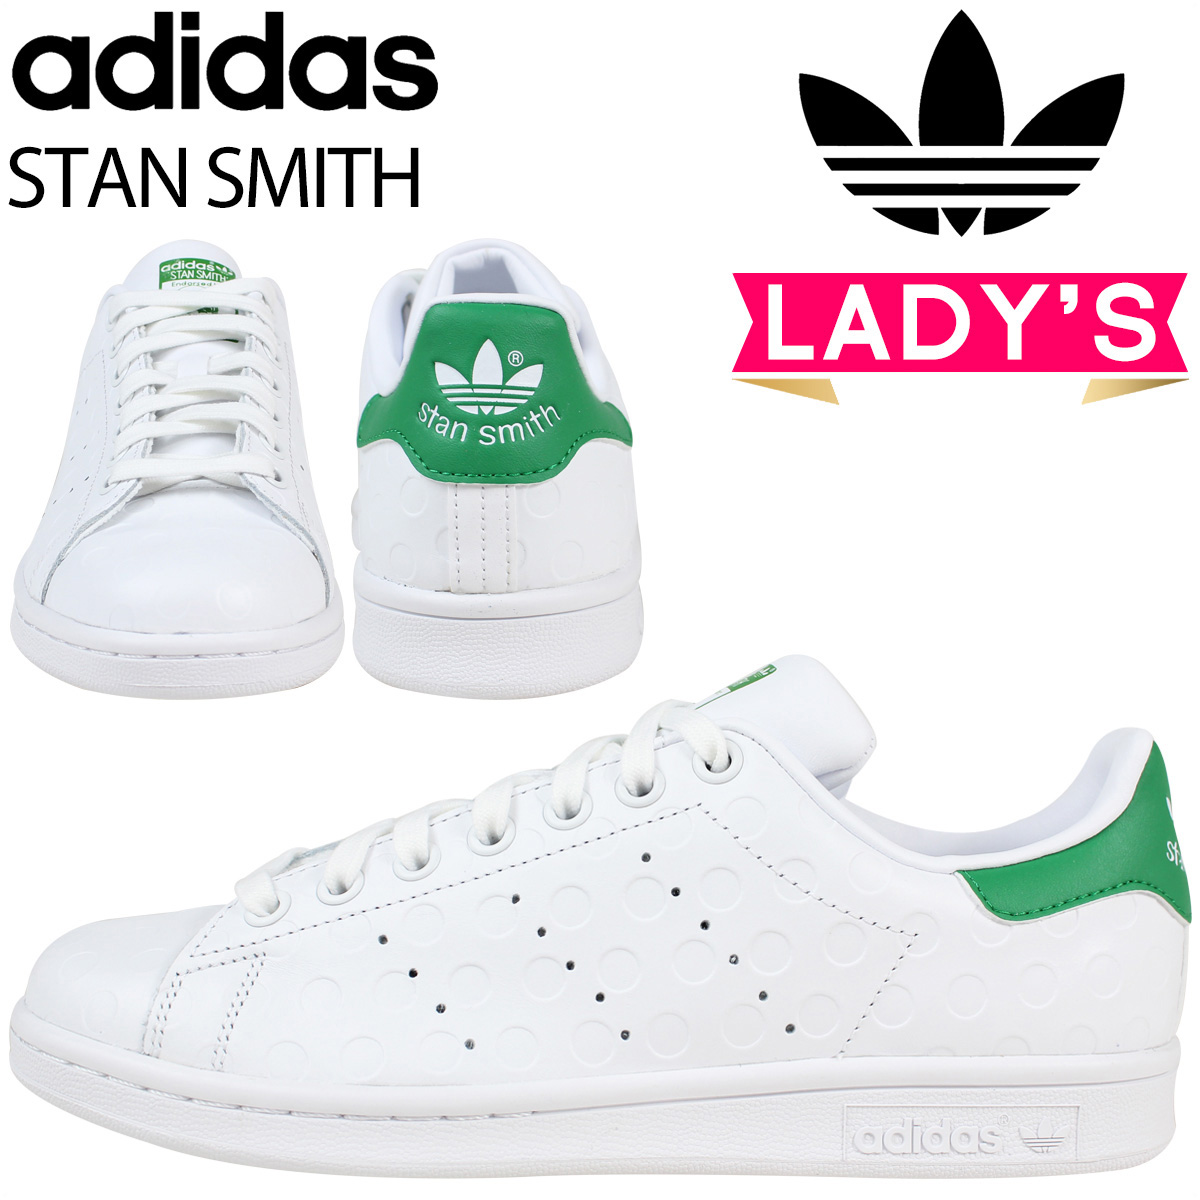 competitive price 210a8 d1cd5 negozi che vendono adidas stan smith